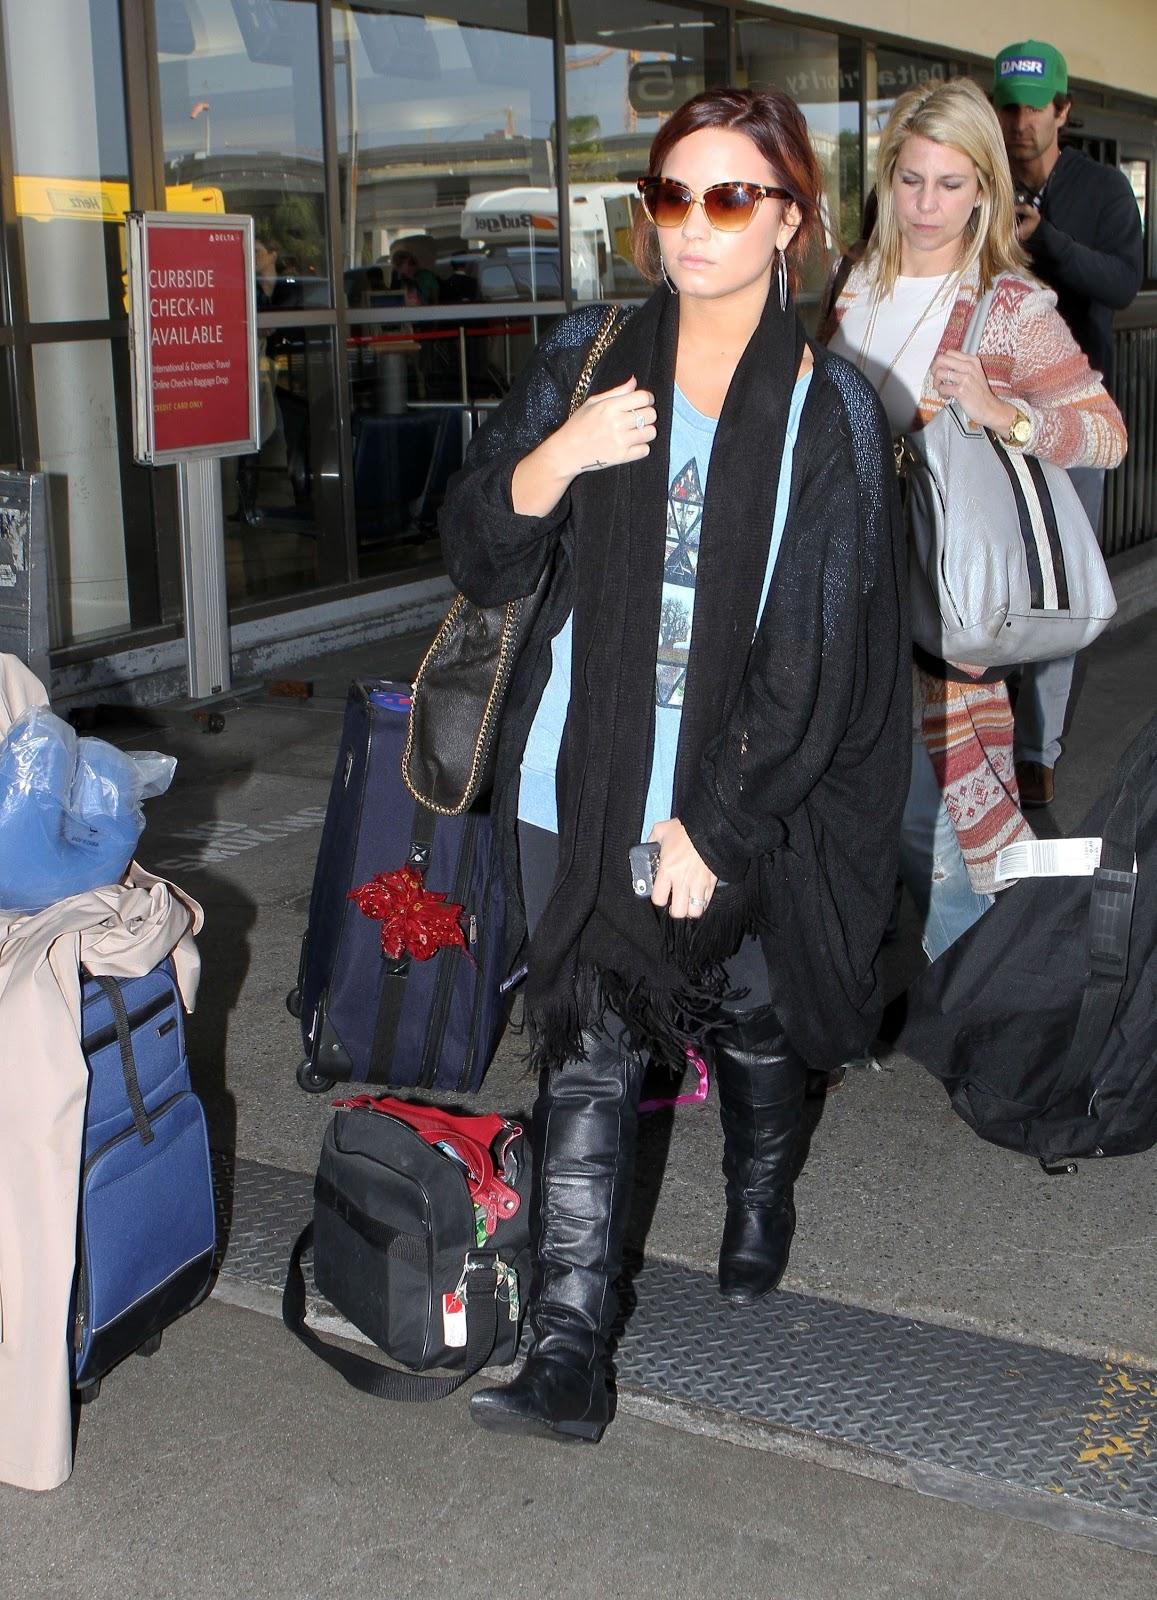 http://2.bp.blogspot.com/-ZlMle4k1qN4/TvnL8U8XnKI/AAAAAAAAQOo/FA5eMQo-OBM/s1600/CU-Demi+Lovato+arrives+at+LAX-06.JPG